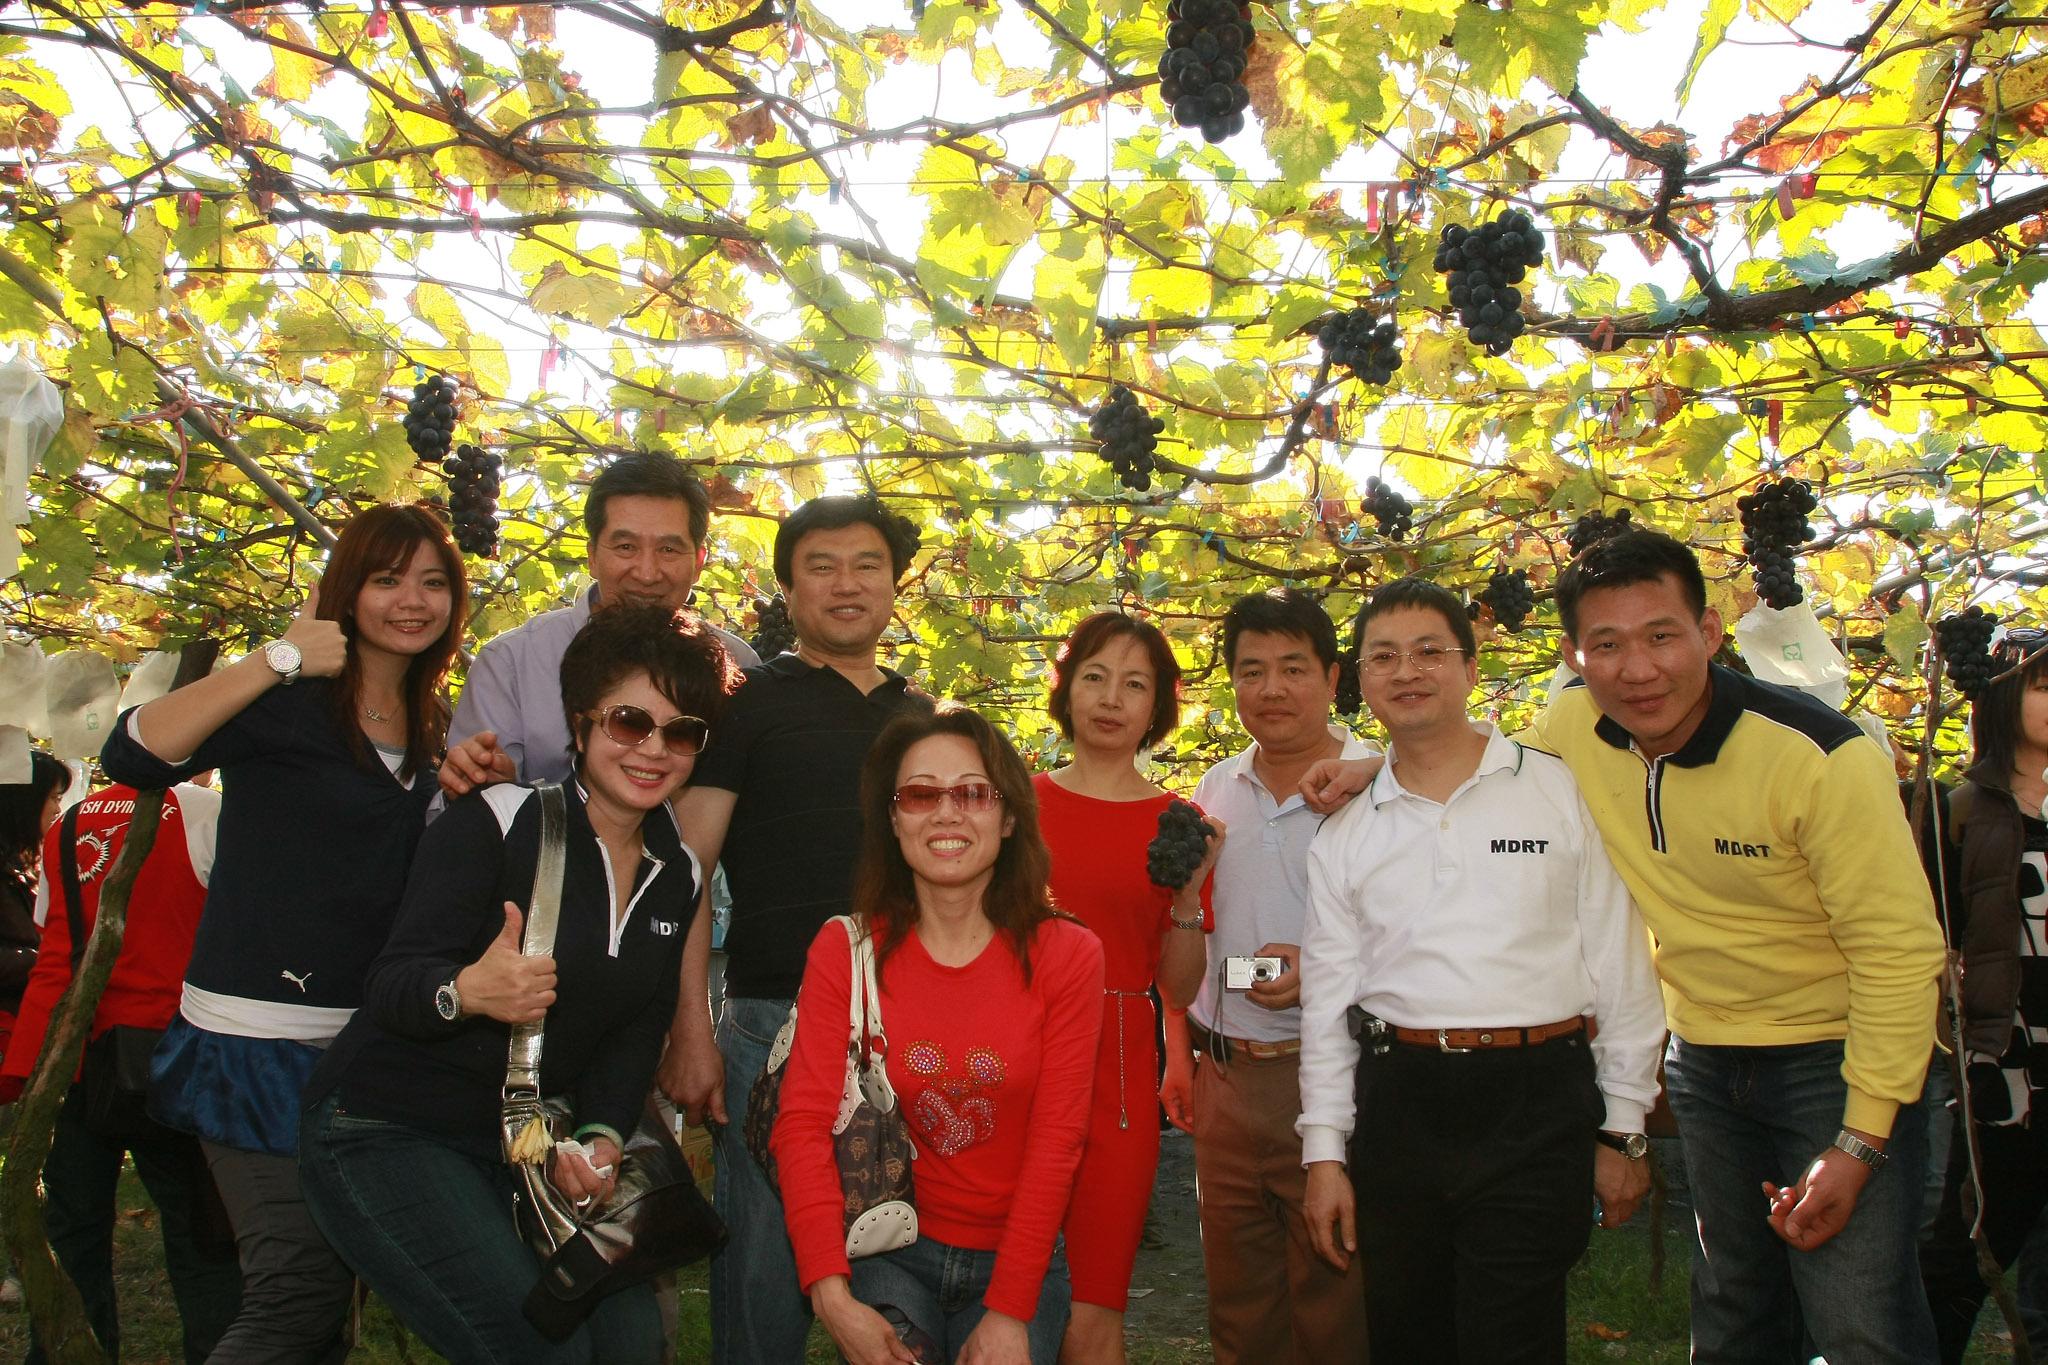 ▲永達吳文永董事長率領公司同仁前往豐丘部落進行葡萄園產地體驗。